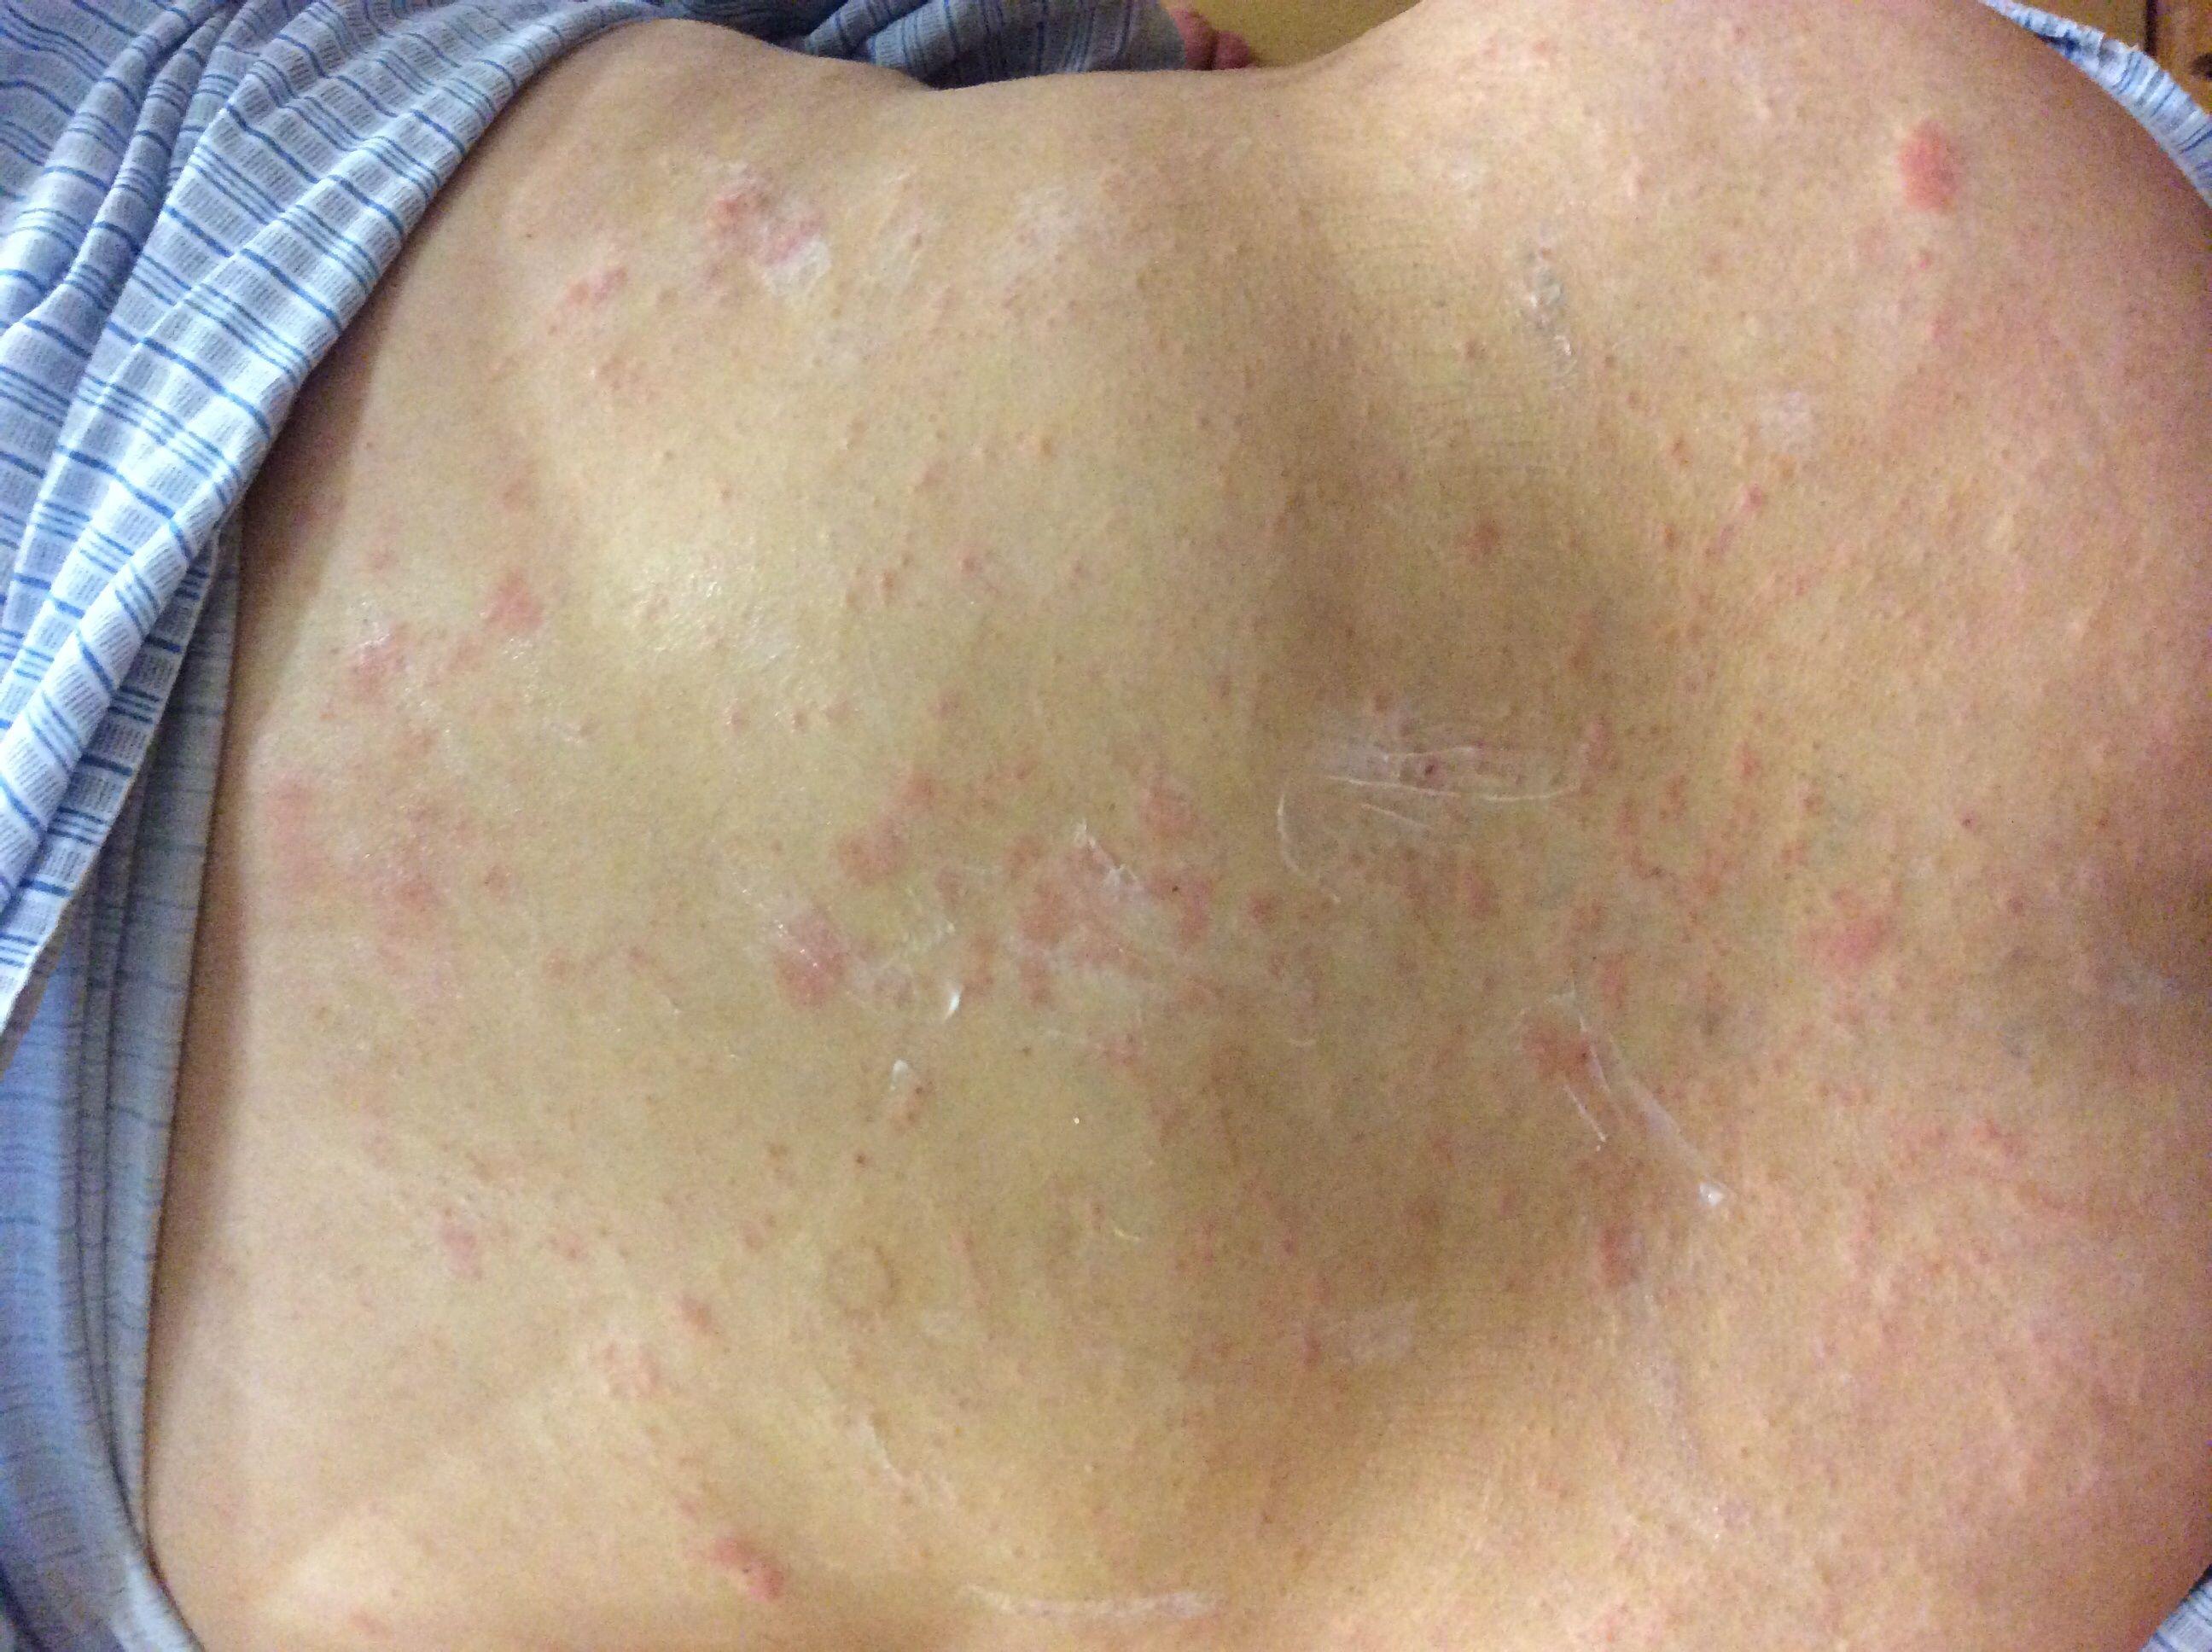 过敏也可能是湿疹等为了确诊一到底是什么皮肤病